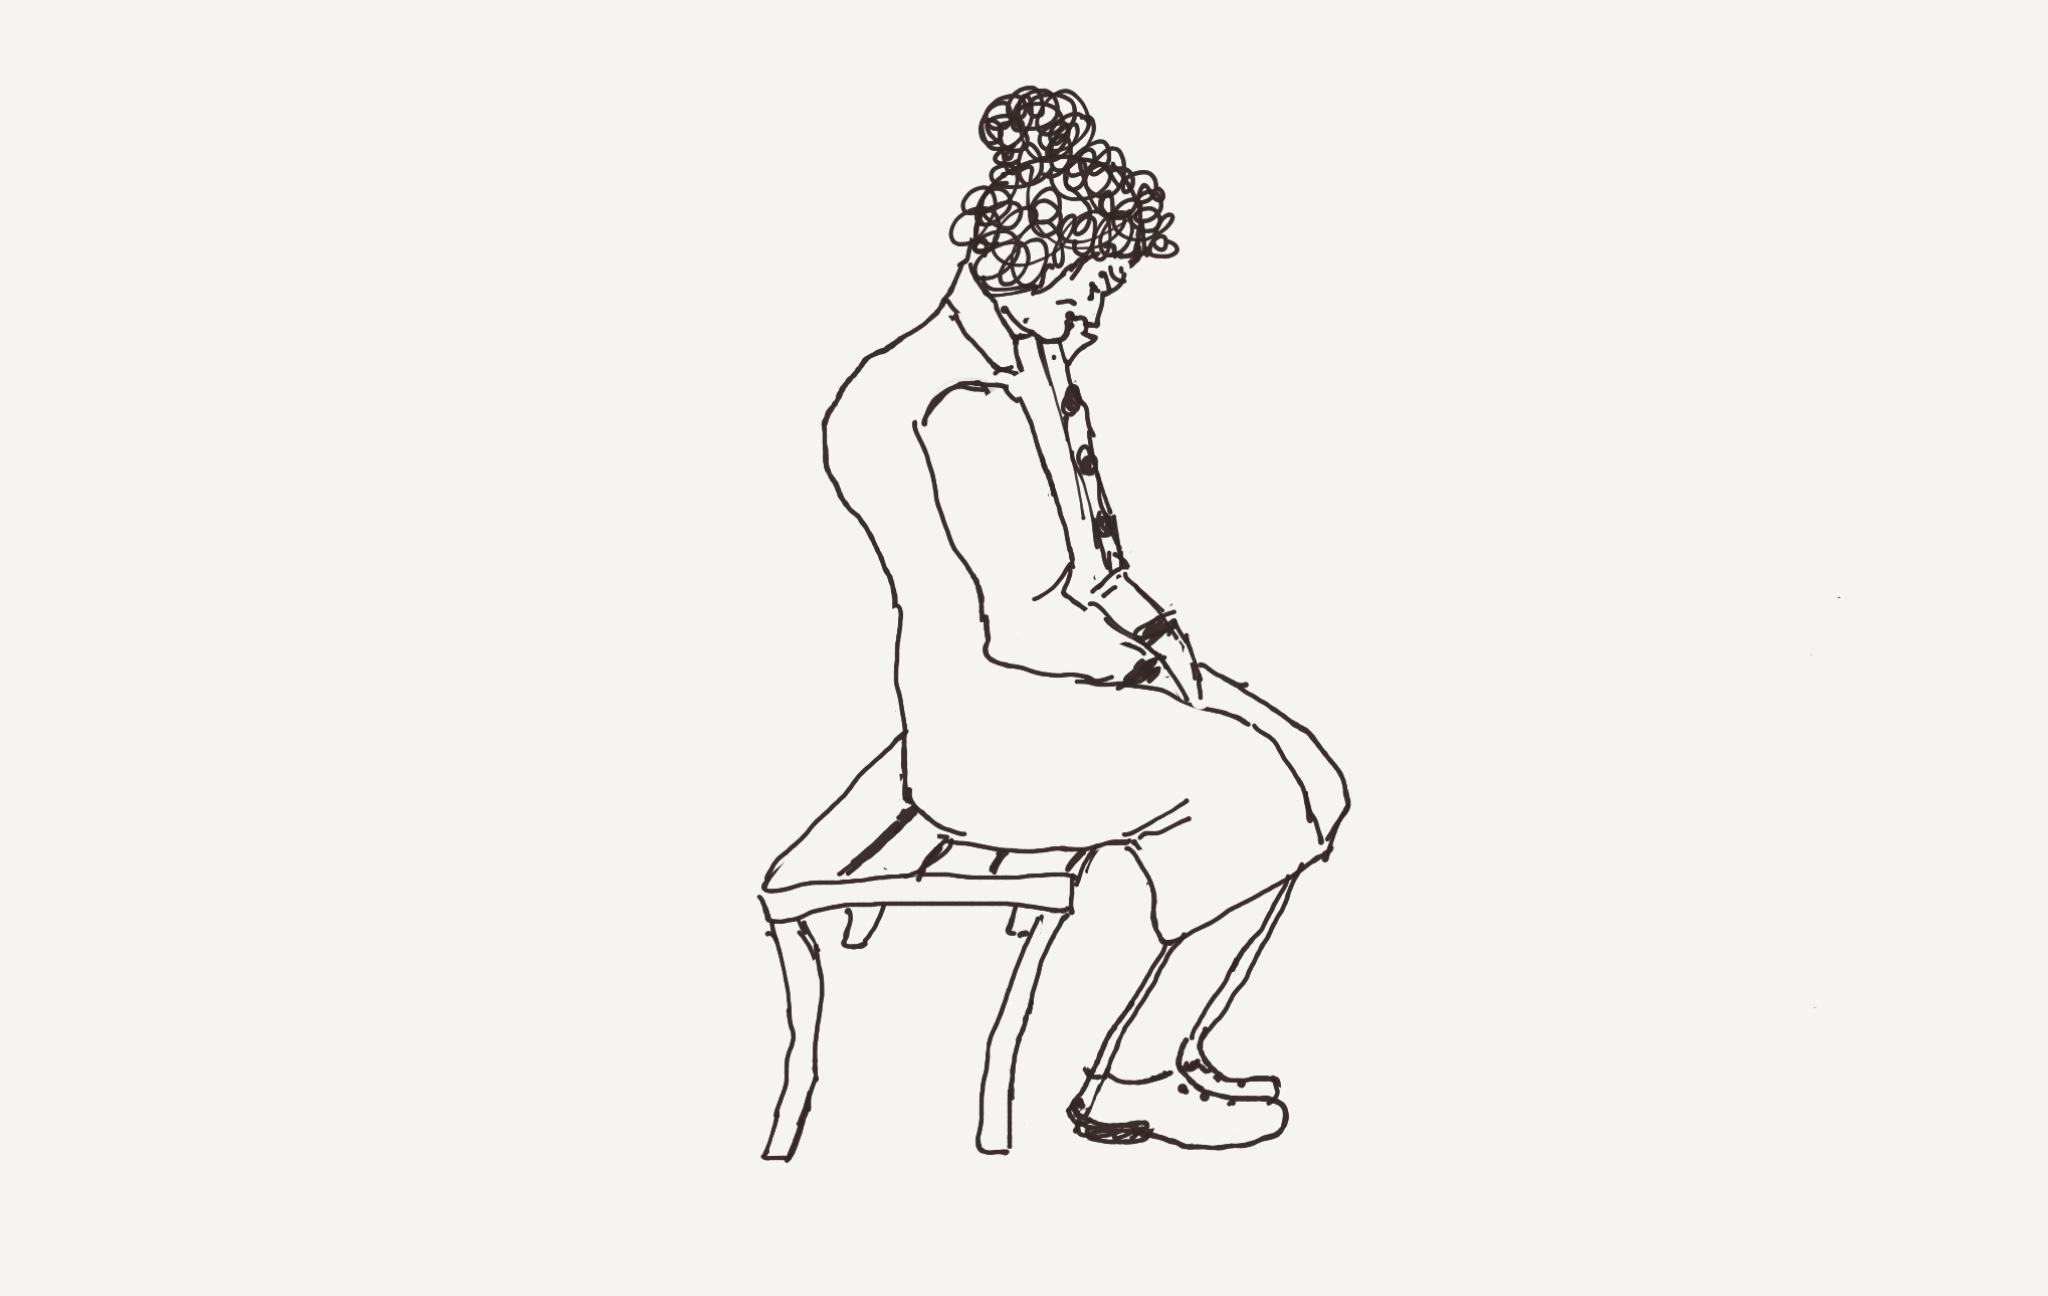 Как не выжить из ума, ухаживая за дементным больным — Вульпес лагопус